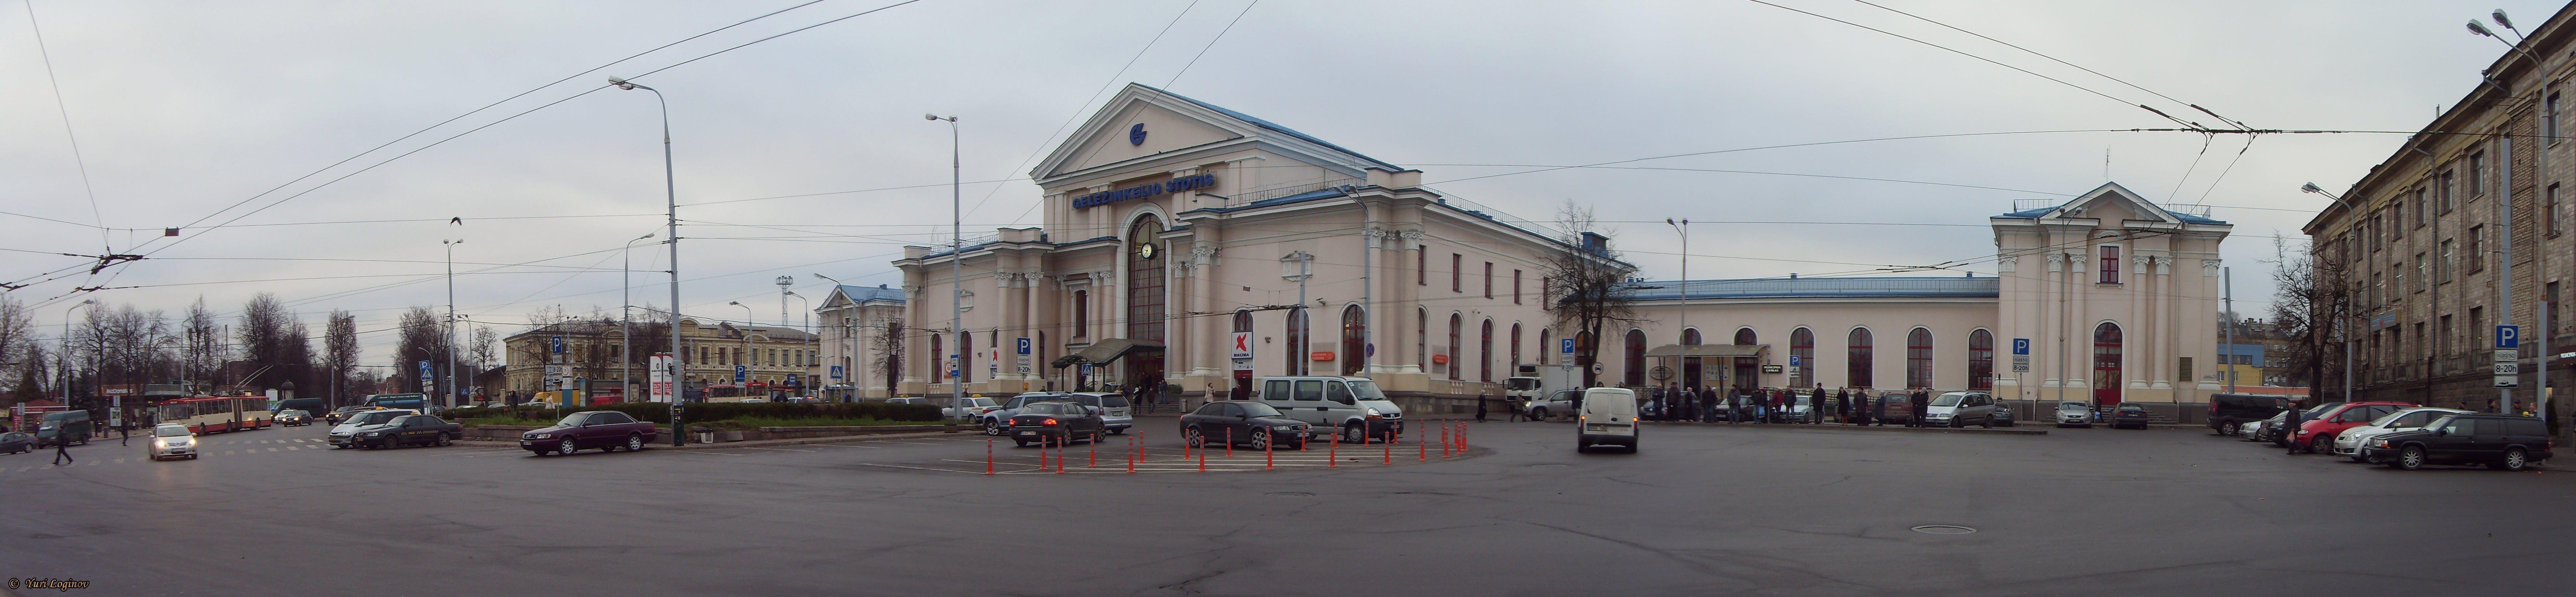 Free stock photo of lithuania, Vilnius, Lietuva, Vilniaus geležinkelio stotis